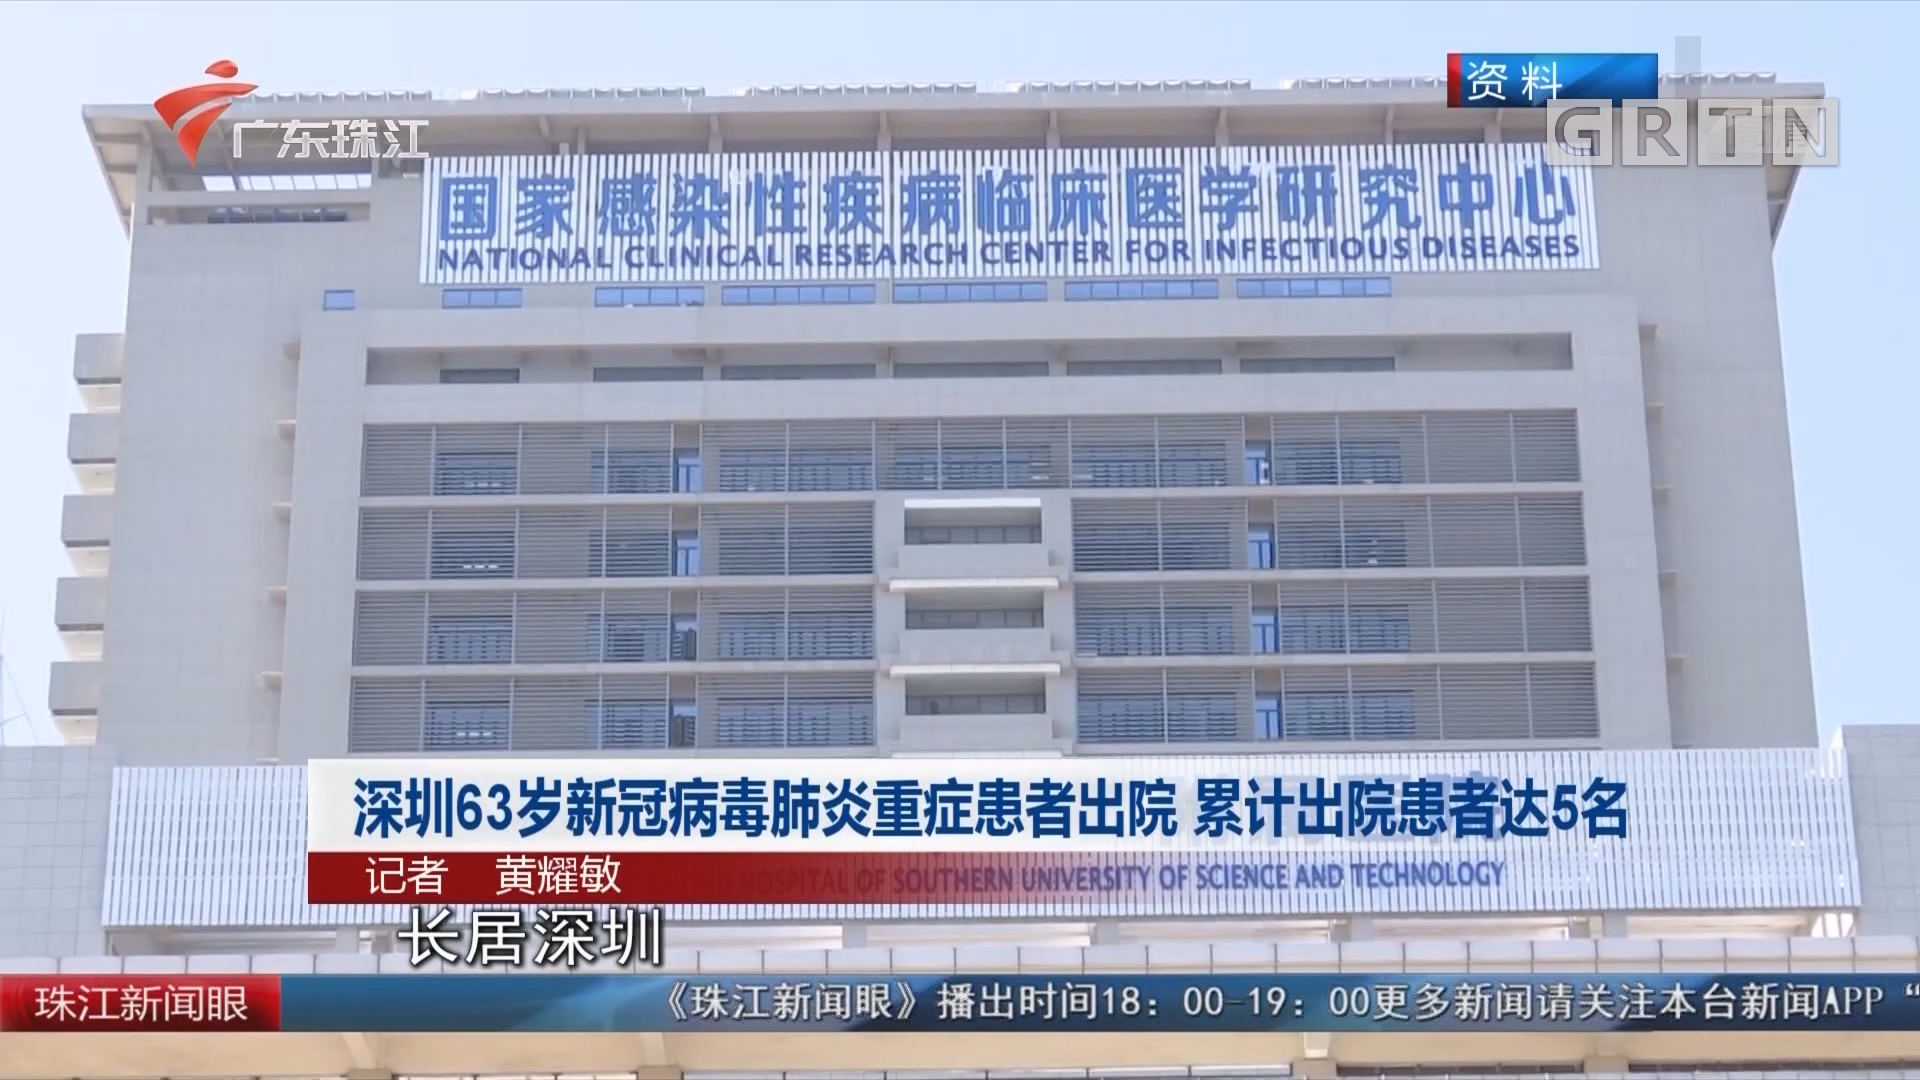 深圳63岁新冠病毒肺炎重症患者出院 累计出院患者达5名